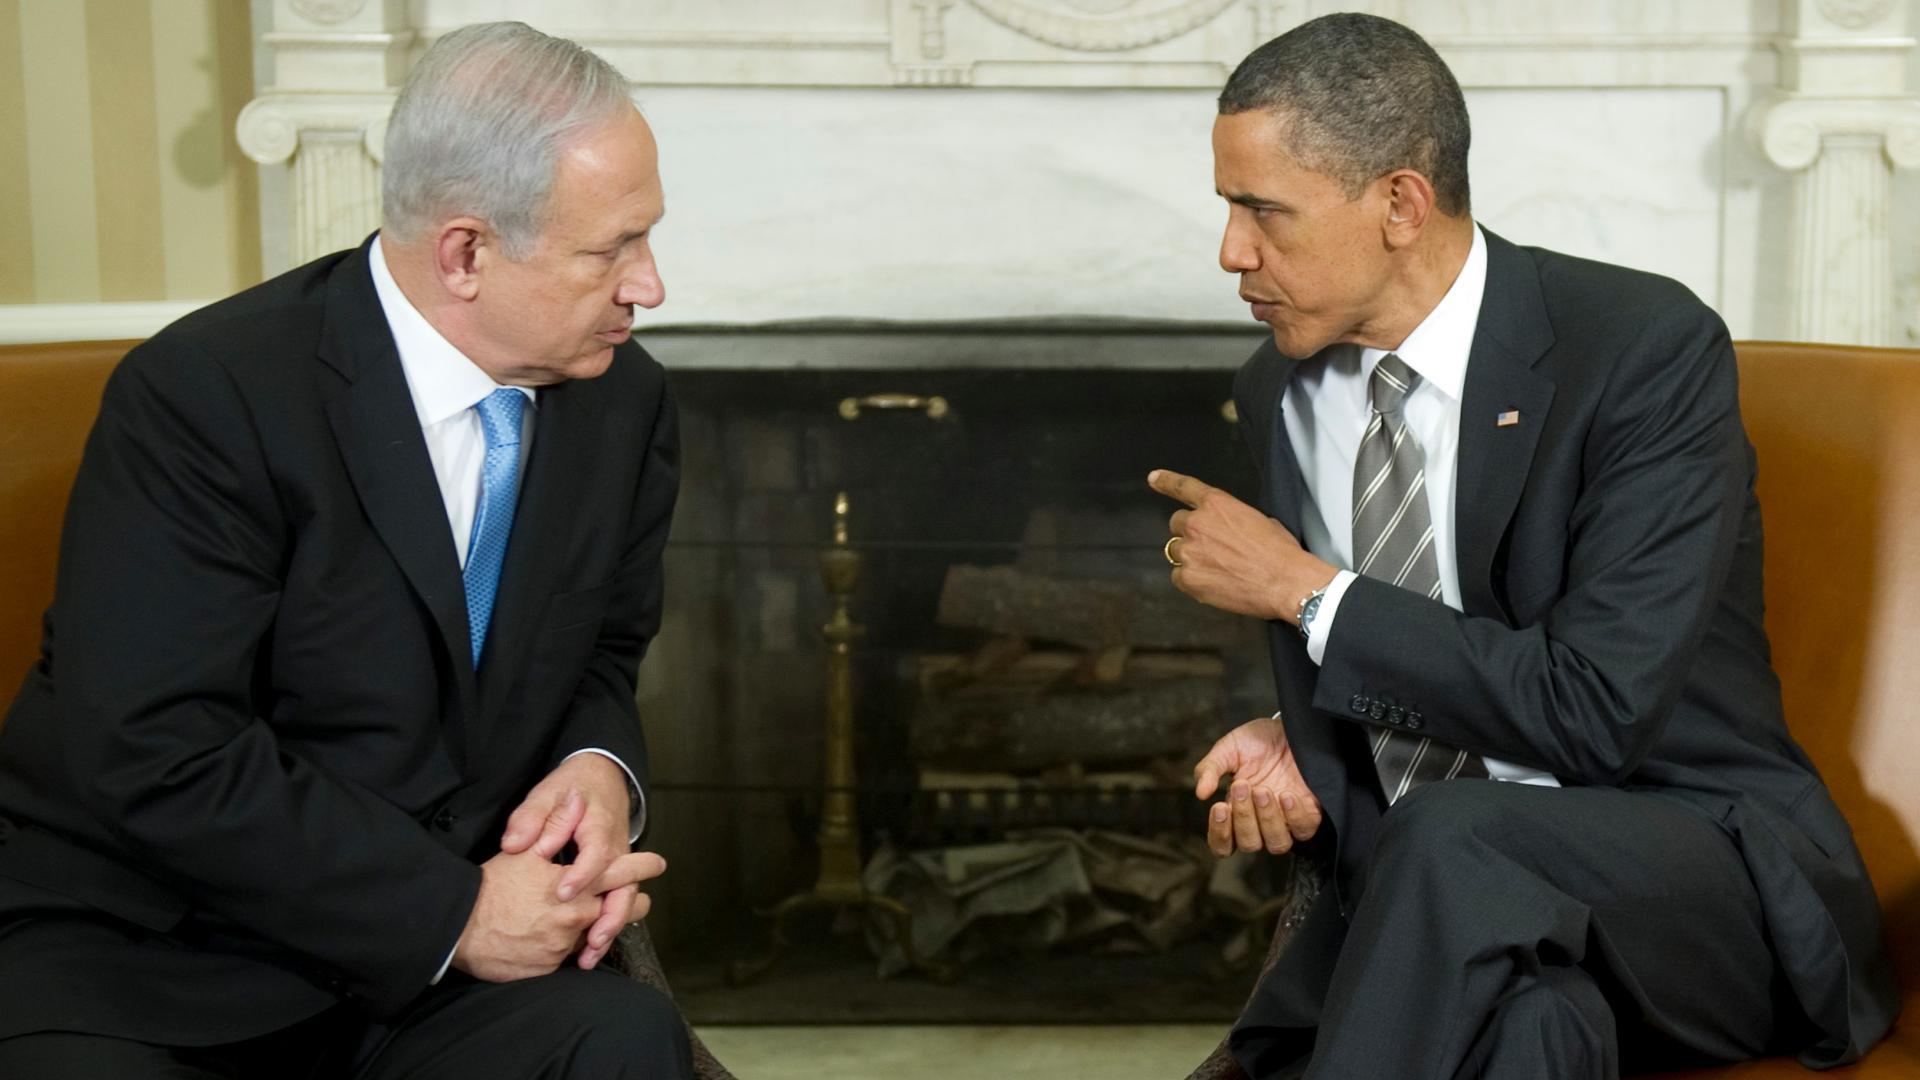 Benjamin Netanyahu further damages U.S.-Israel relations